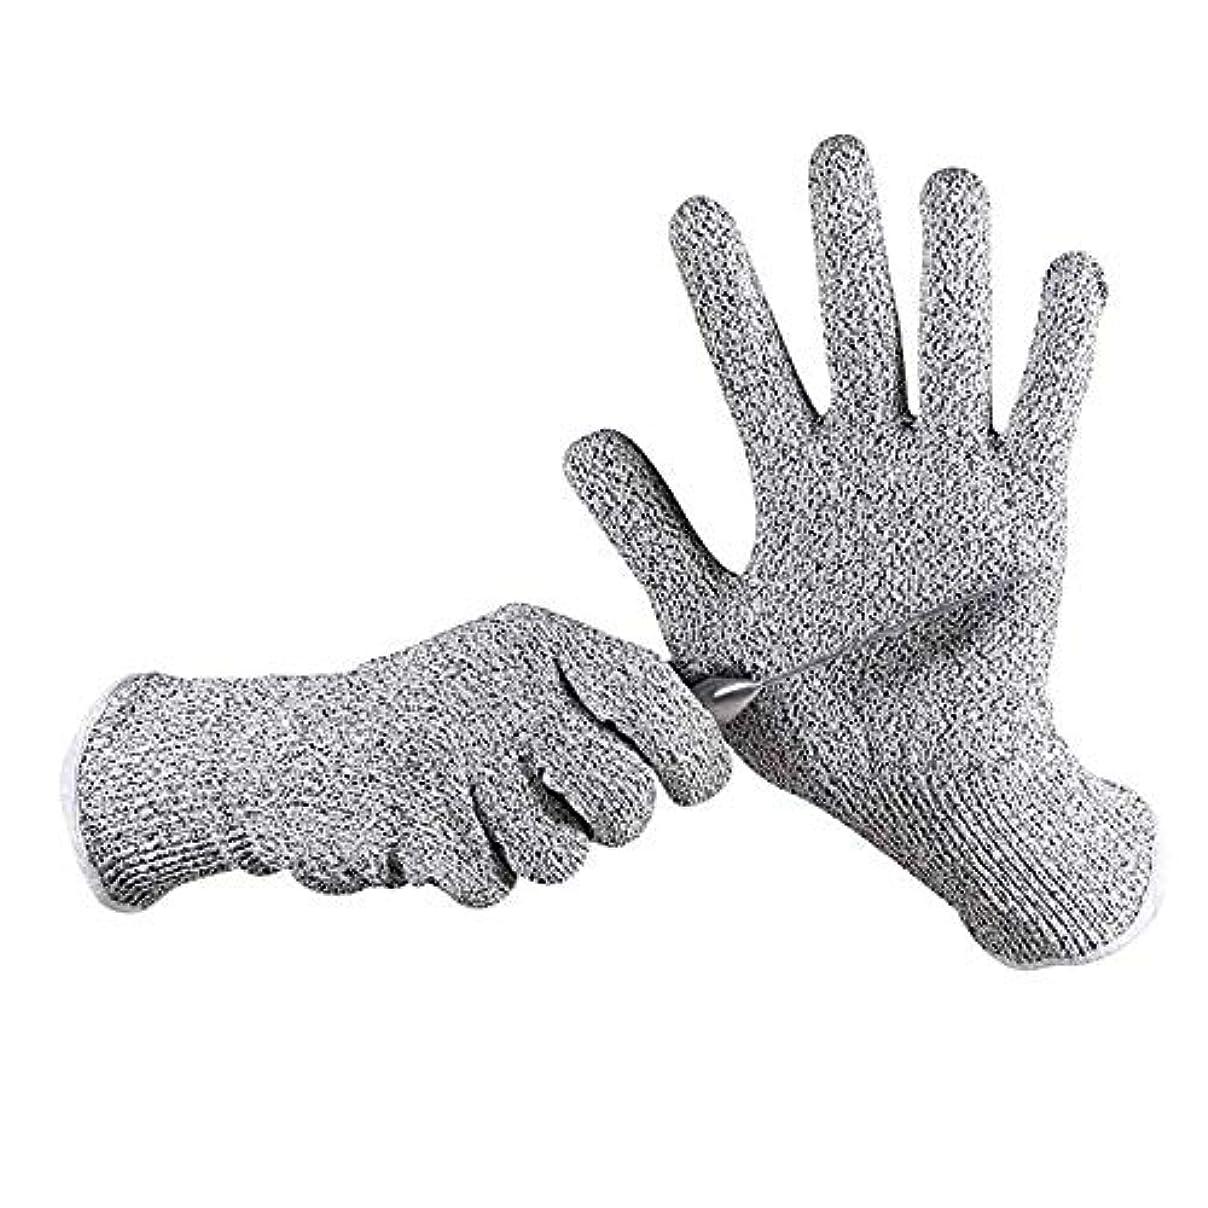 側溝上弁護人カット性手袋、高性能レベル5の保護、食品グレード、安全キッチン作業や園芸用手袋をカット、1ペア